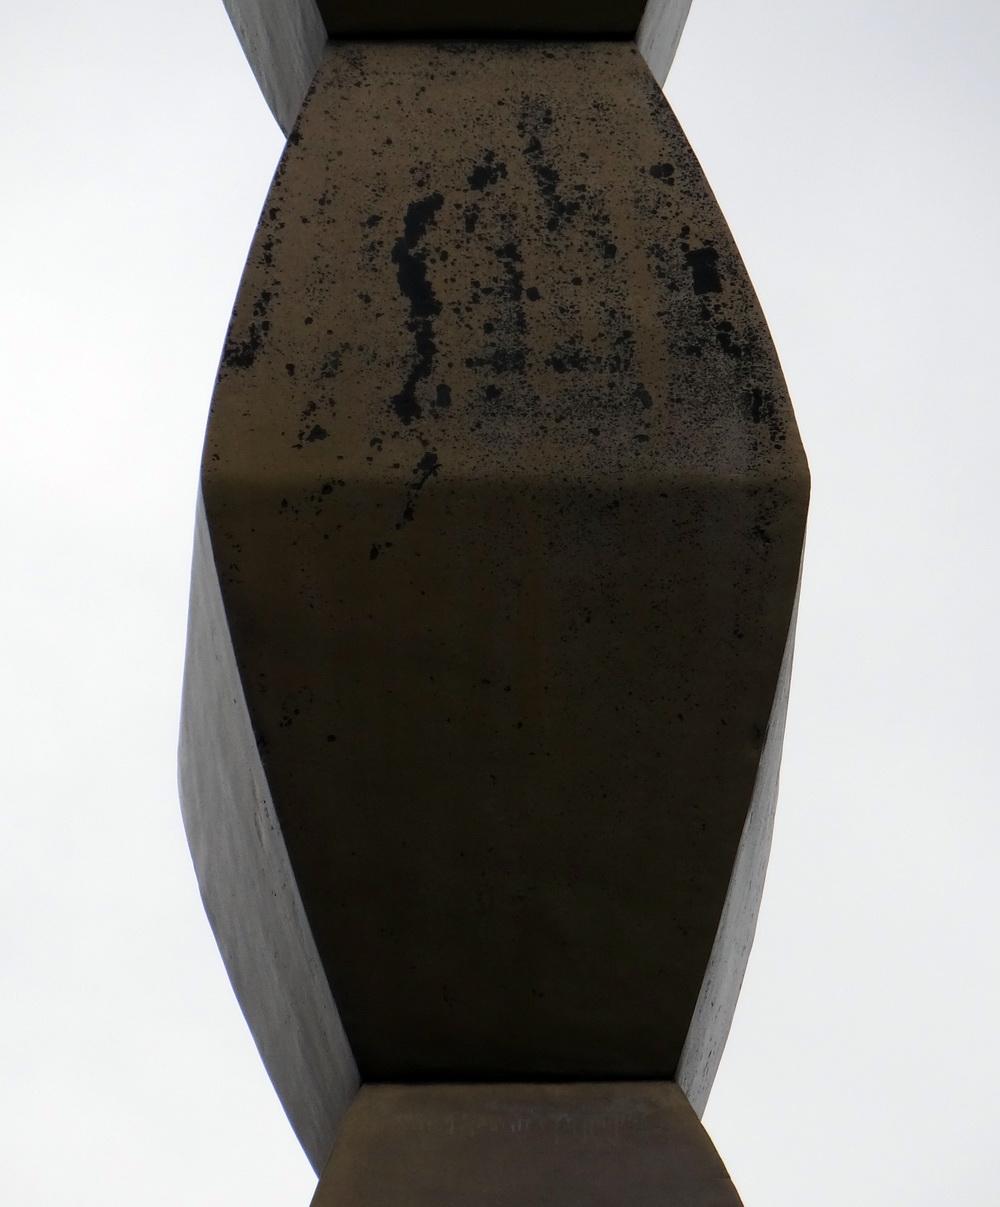 coloana ruginita